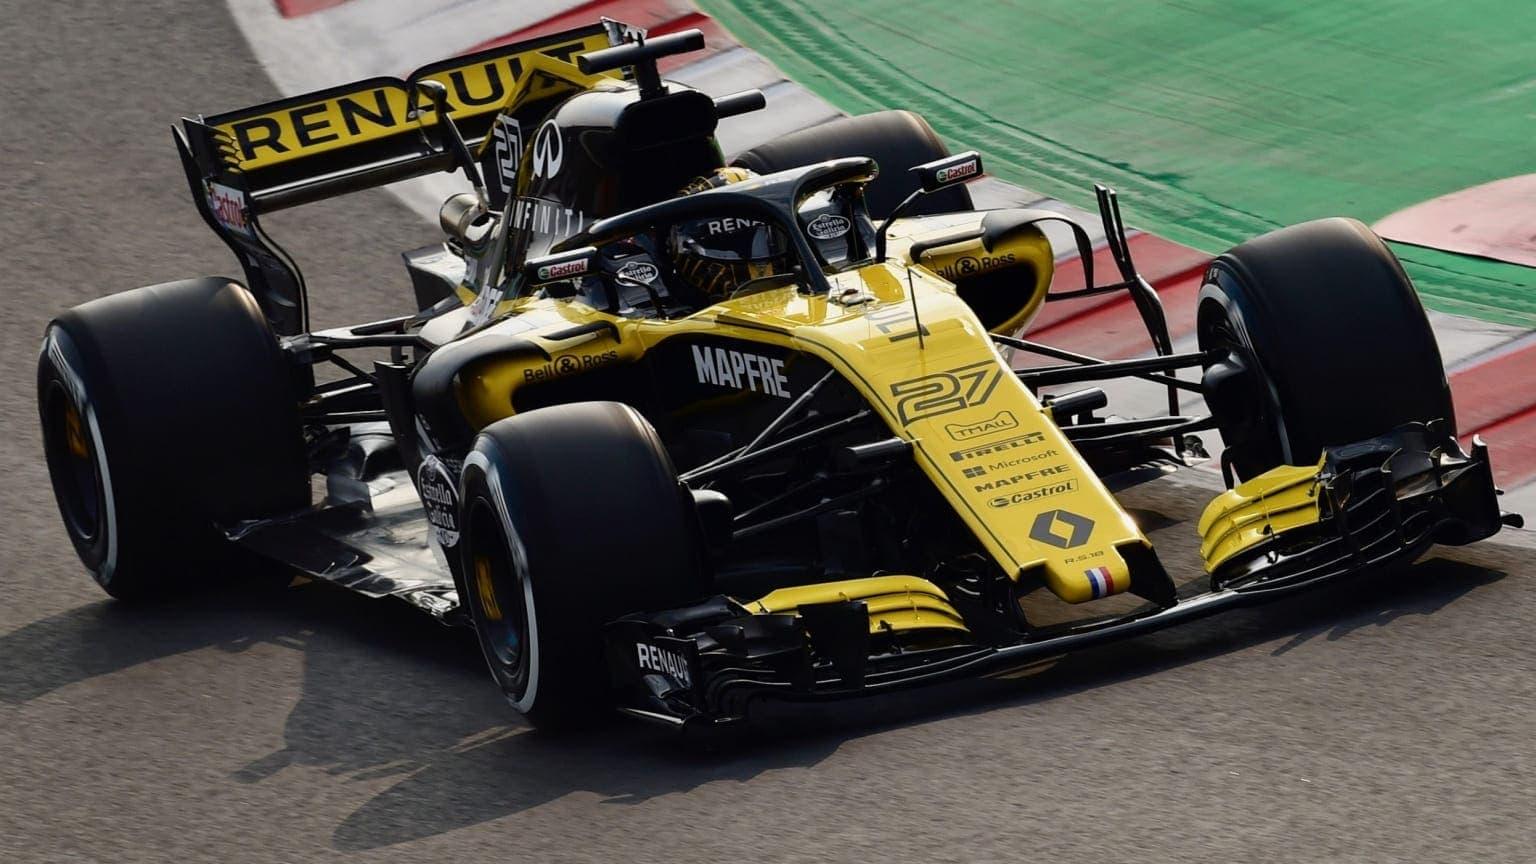 Carro da Renault, equipe de Fórmula 1